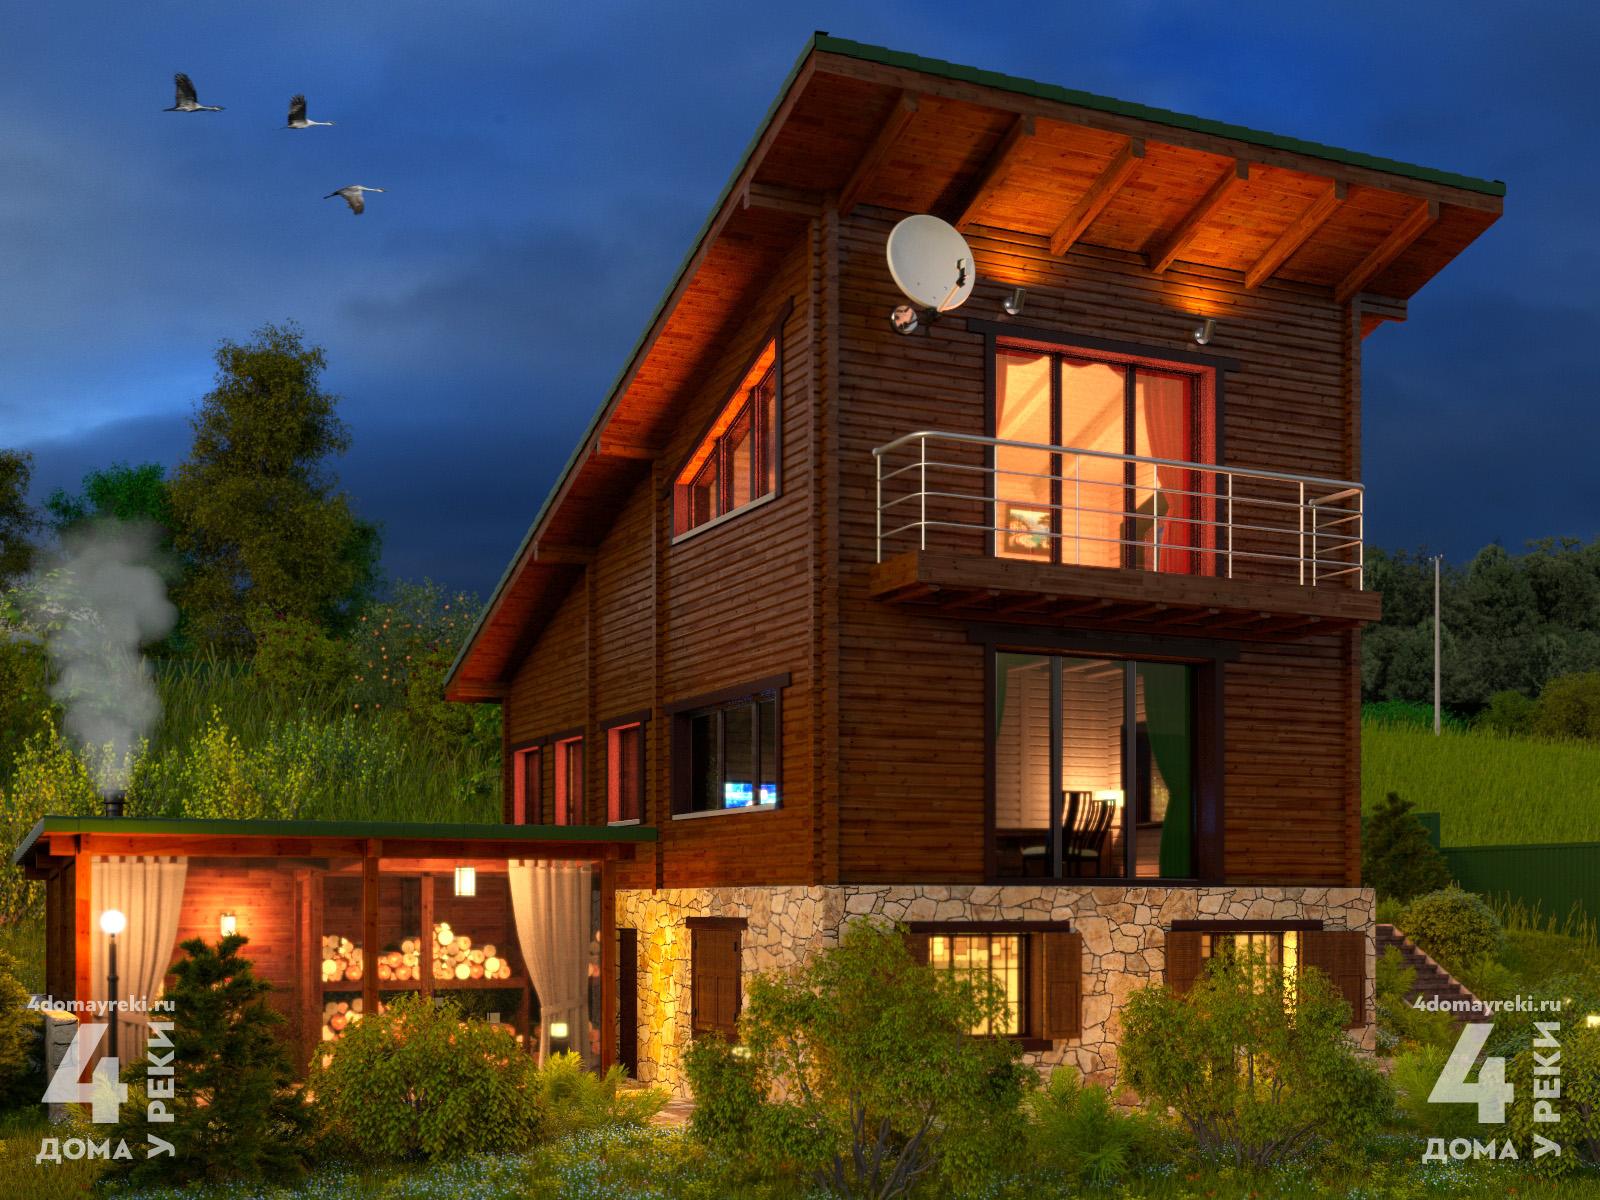 Купить дом возле реки